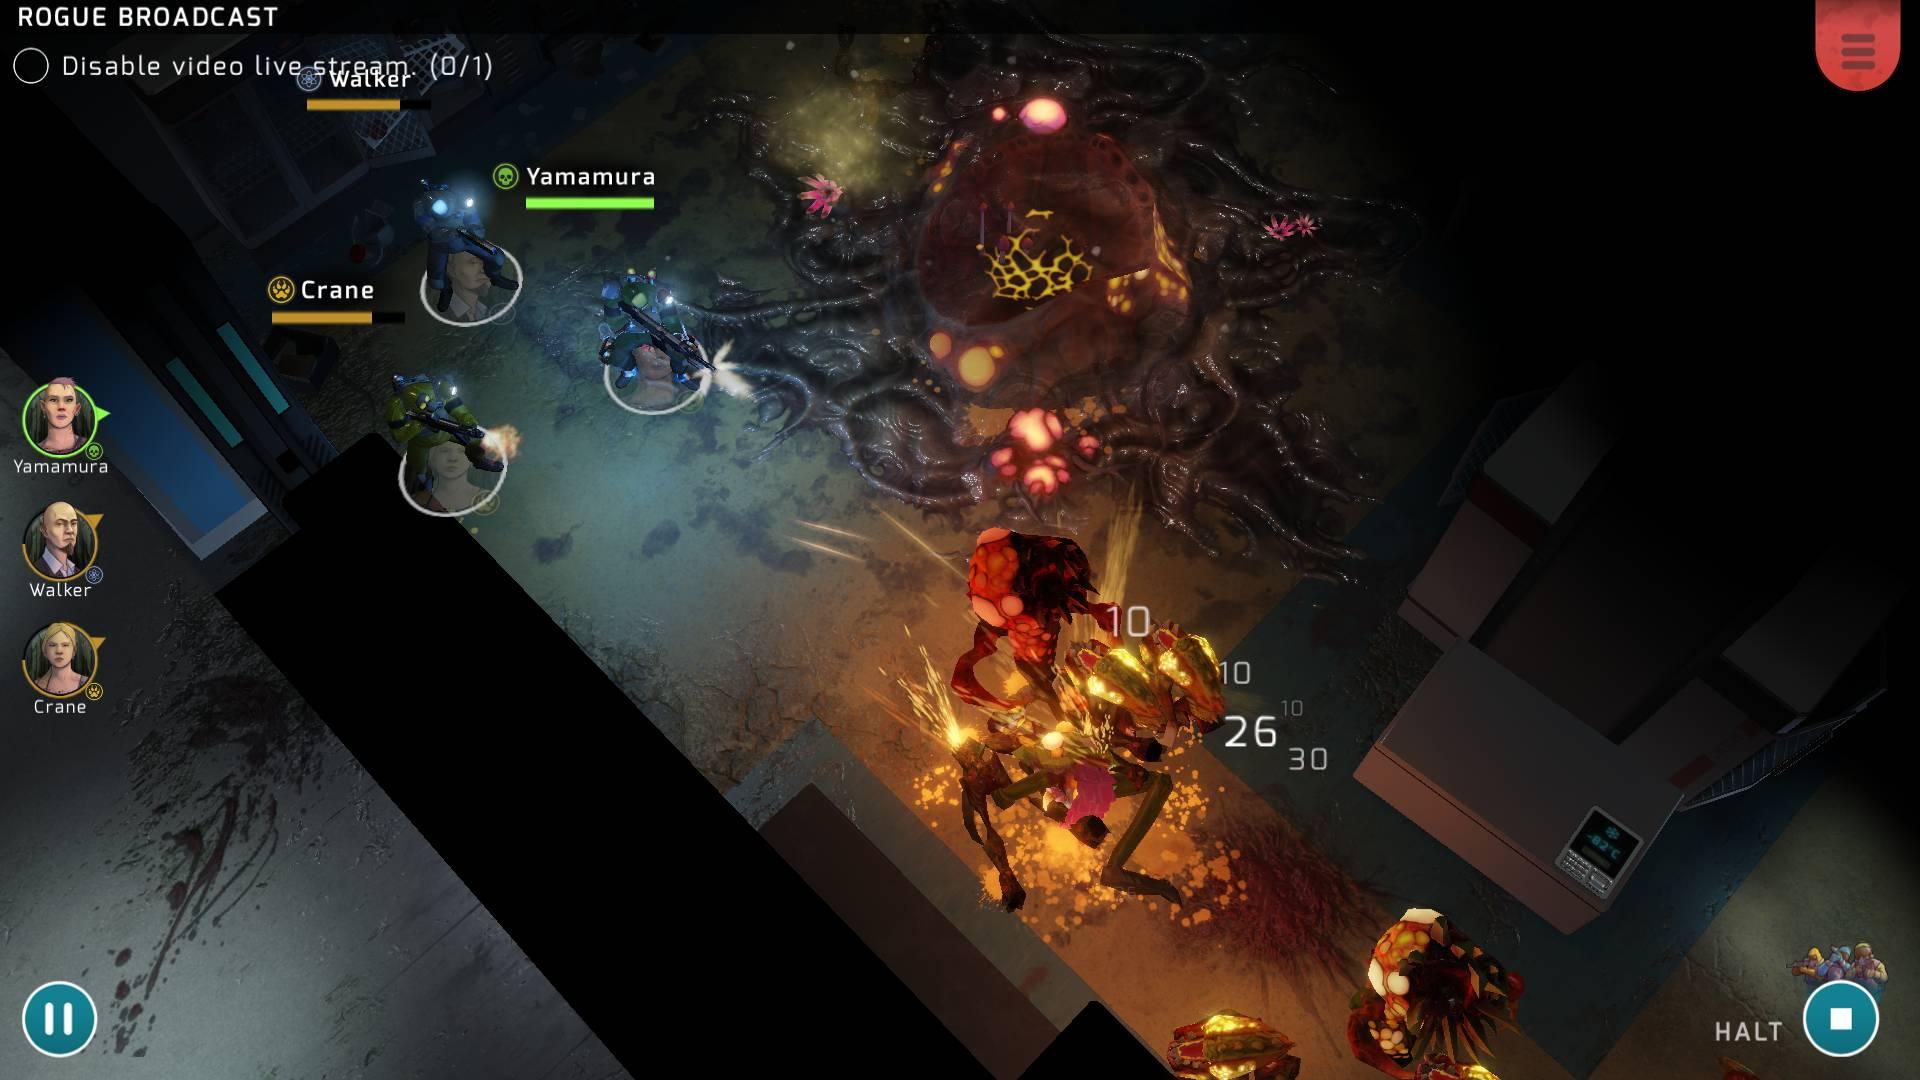 'Pixelbite Pengembang Space Marshals Anno Mengumumkan Seperti RTS' Xenowerk Tactics ', Meluncurkan Tahun Ini 4